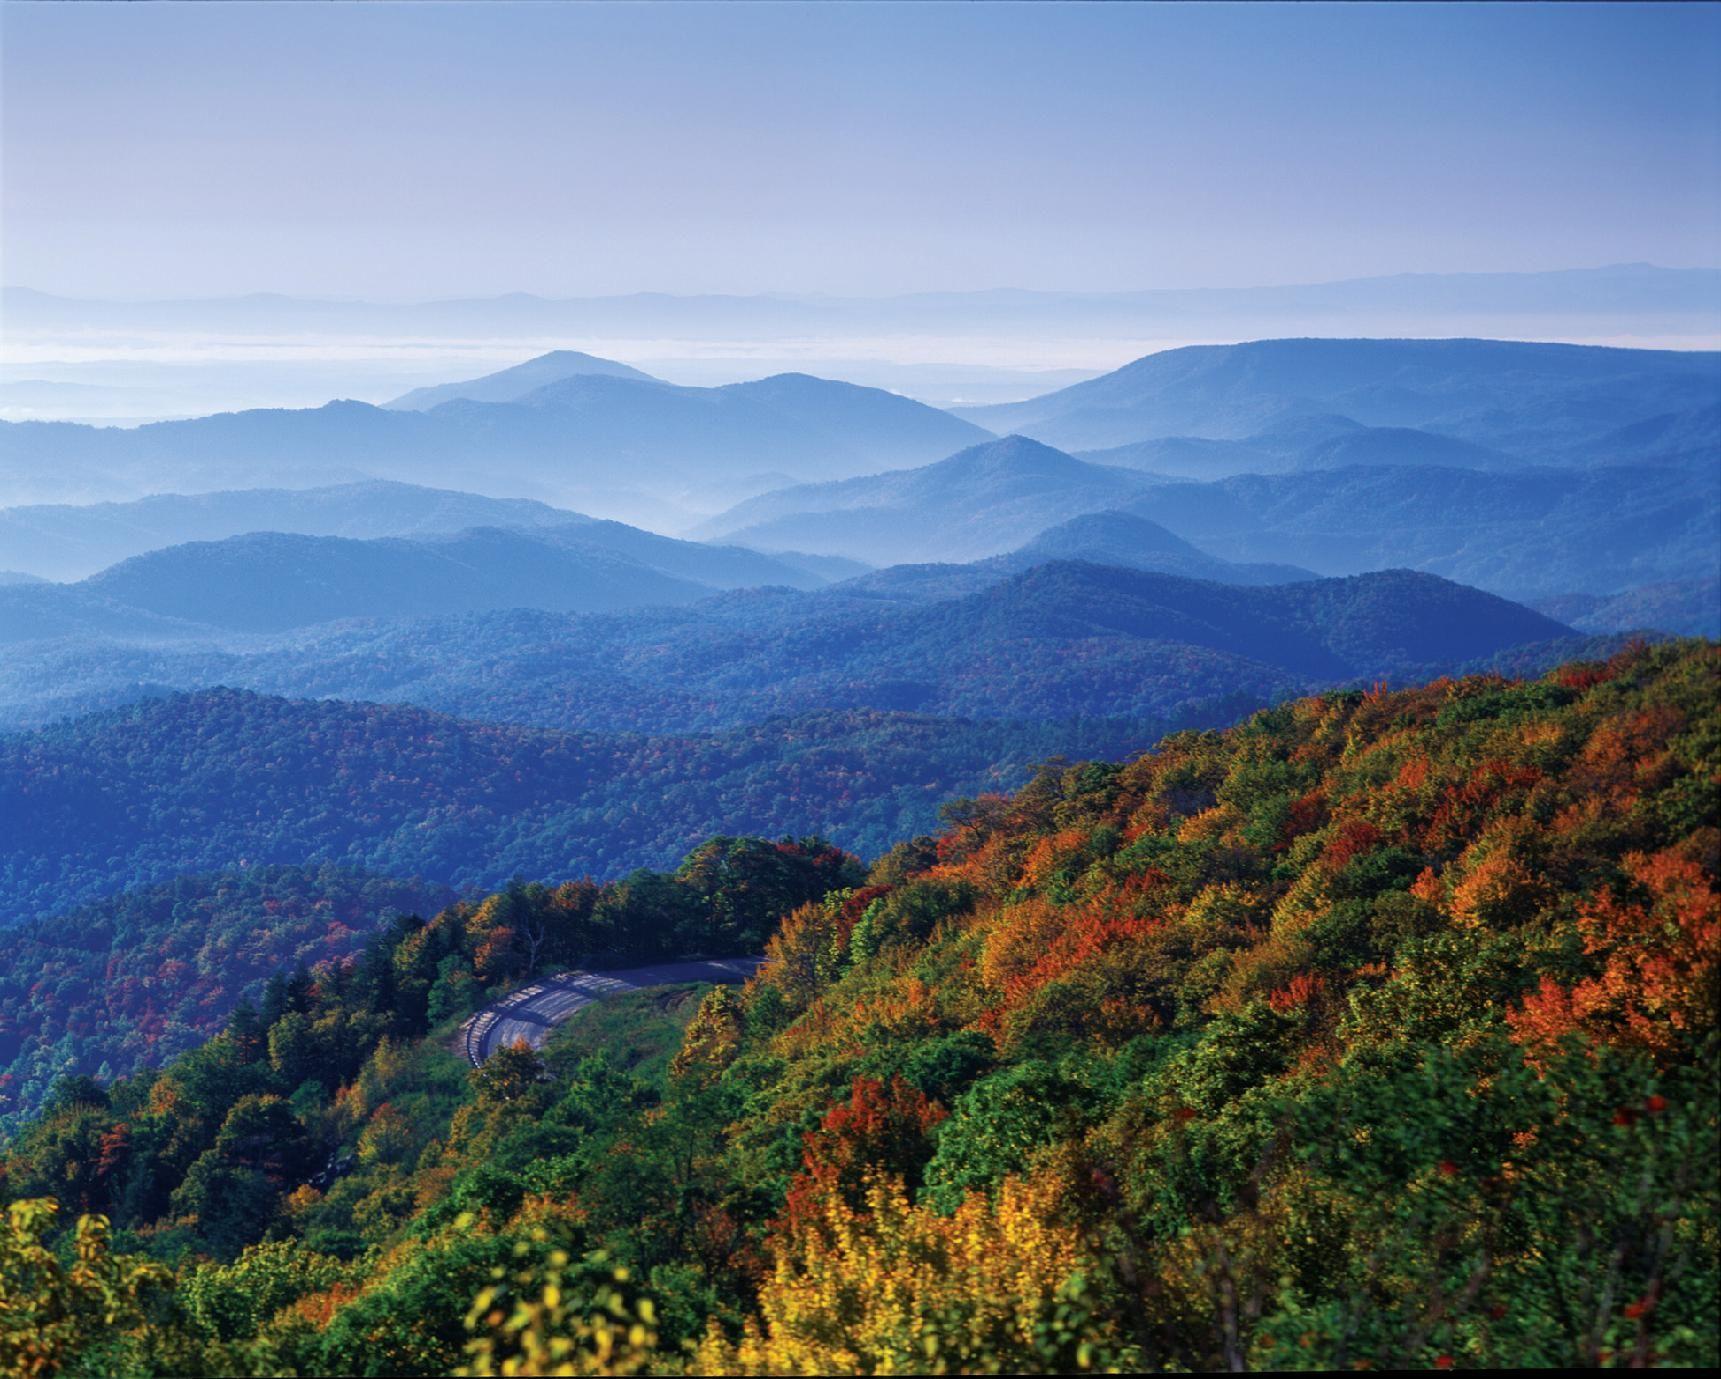 ridge mountains pinterest - photo #9